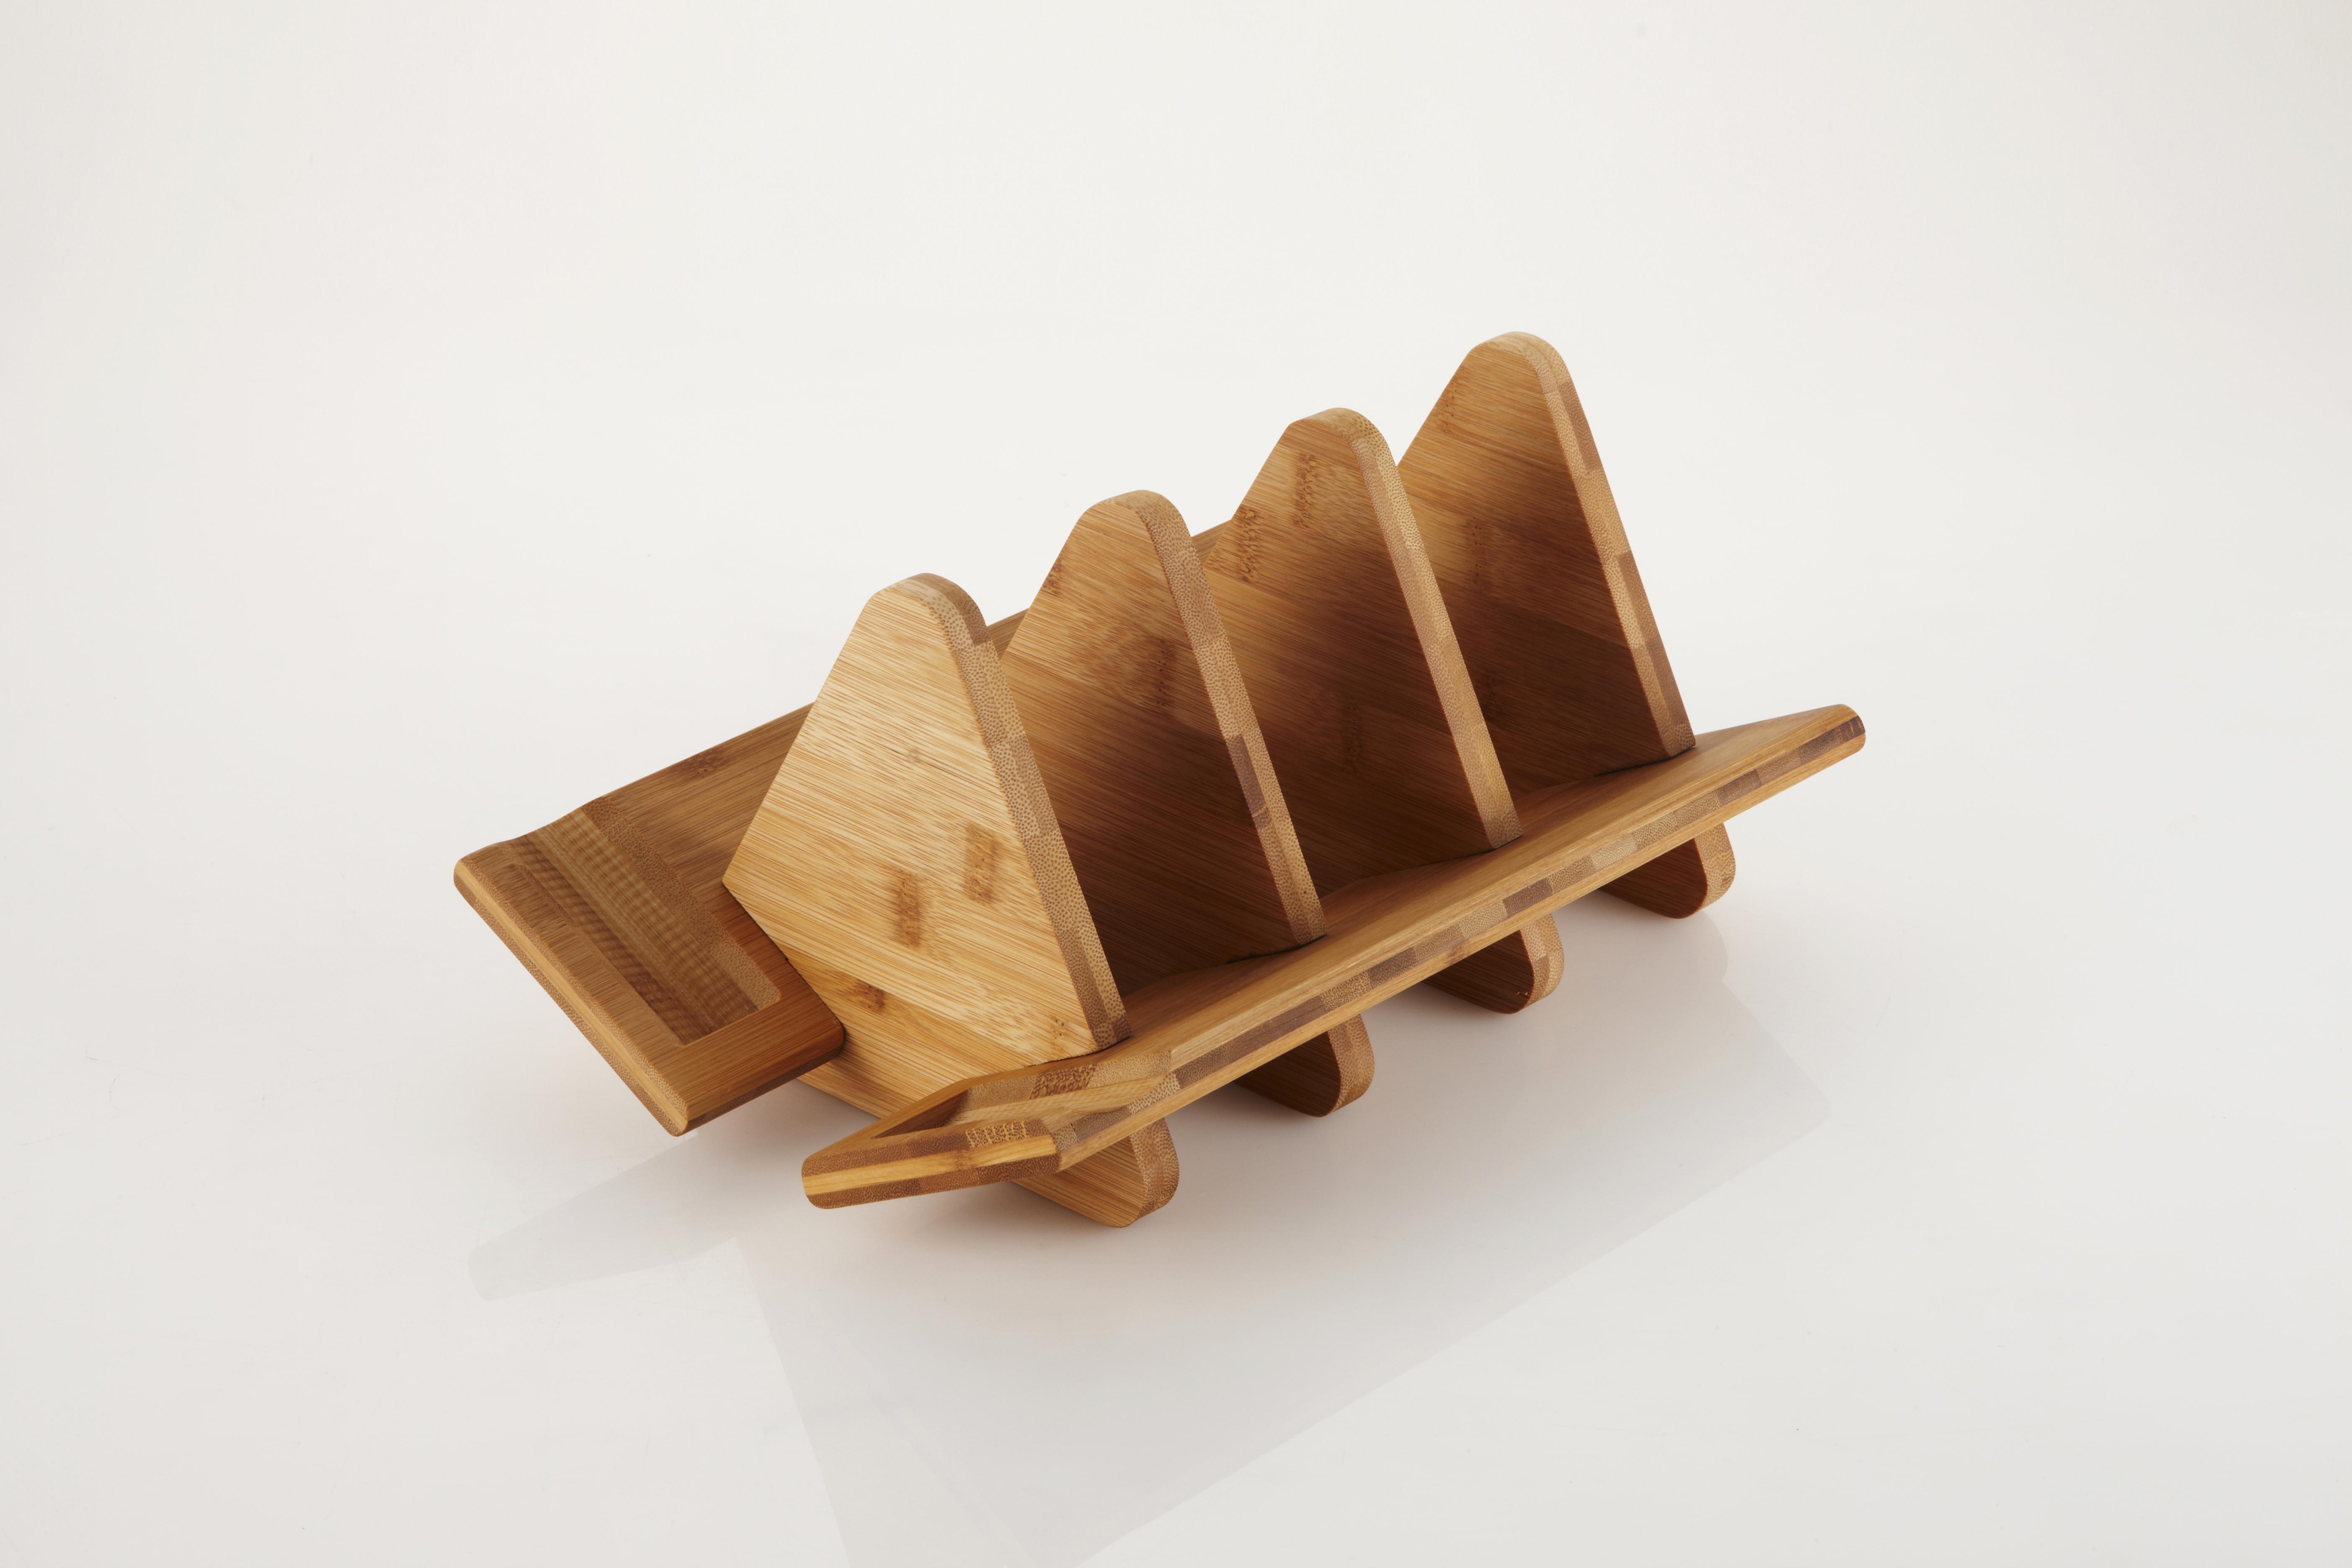 Подставка для посуды Frybest. MyPan-WDRW-16 MarakeshБамбуковая подставка из коллекции MyPan предназначена для компактного и удобного хранения посуды. Превращайте коллекцию посуды в стильный элемент интерьера одним движением! Экологичная, удобная и стильная подставка из бамбука легко собирается и надежно удерживает ваши любимые волшебные сковородки.